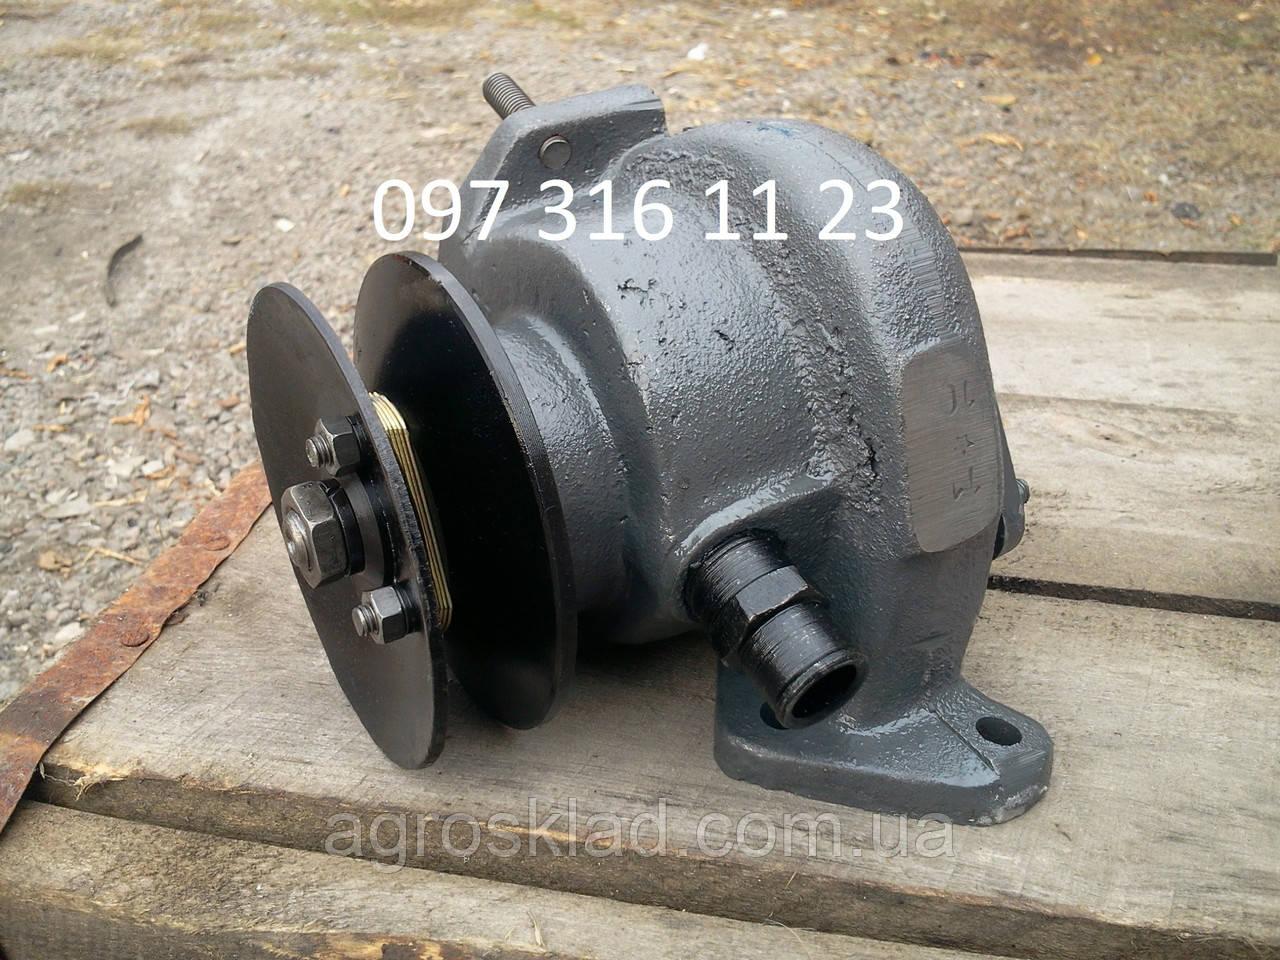 Водяной насос (помпа) ЯМЗ-238 АК